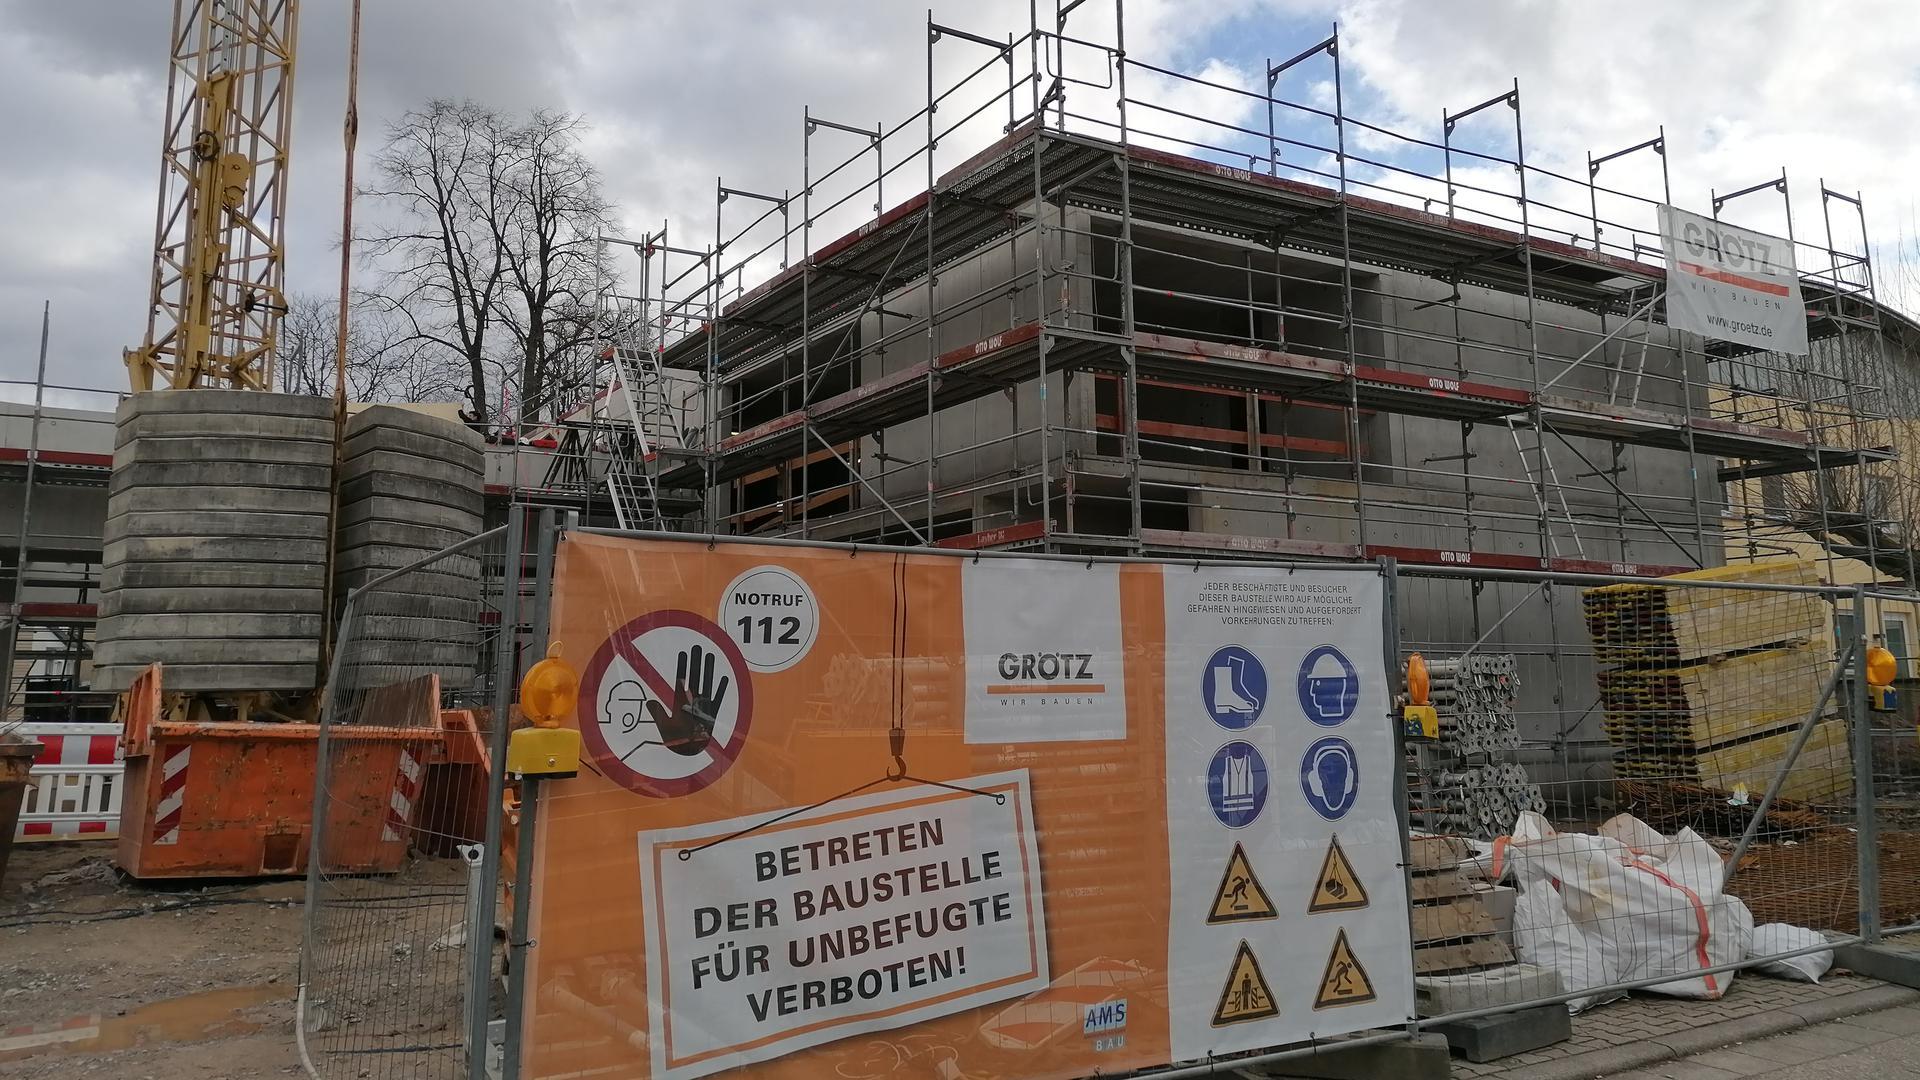 Baustelle der Firma Grötz aus Gaggenau zwischen der Jahnhalle und  der evangelischen Markus Kirche